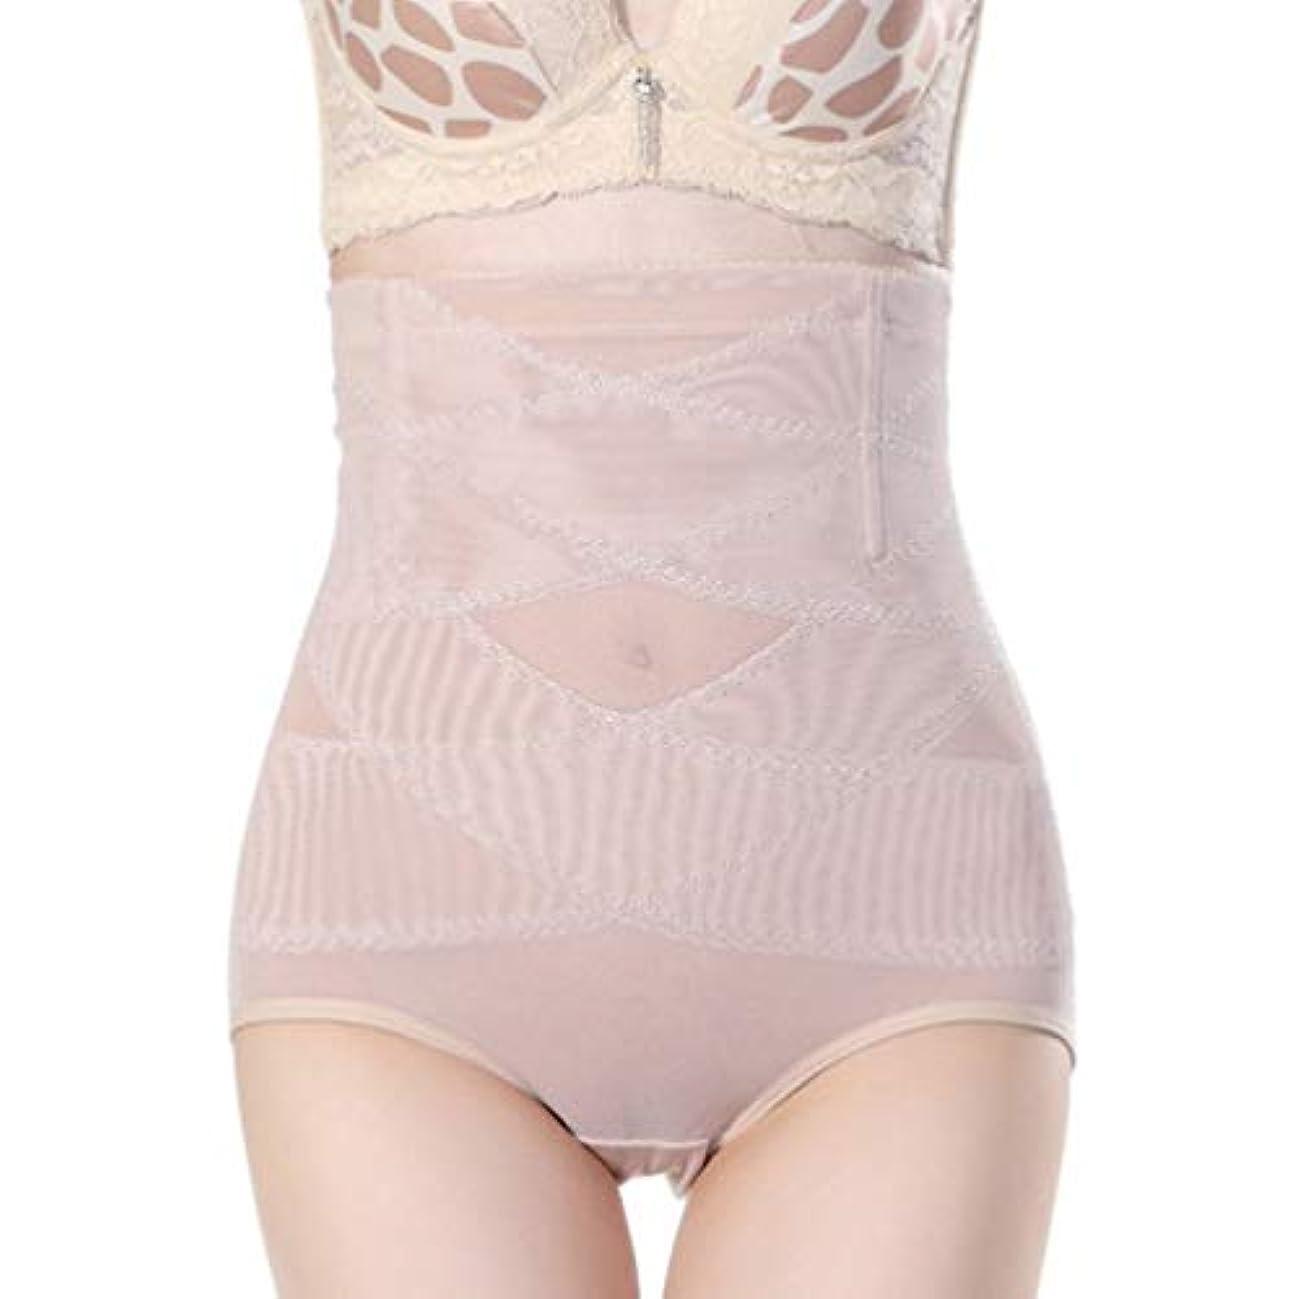 神学校腹部属性腹部制御下着シームレスおなかコントロールパンティーバットリフターボディシェイパーを痩身通気性のハイウエストの女性 - 肌色3 XL